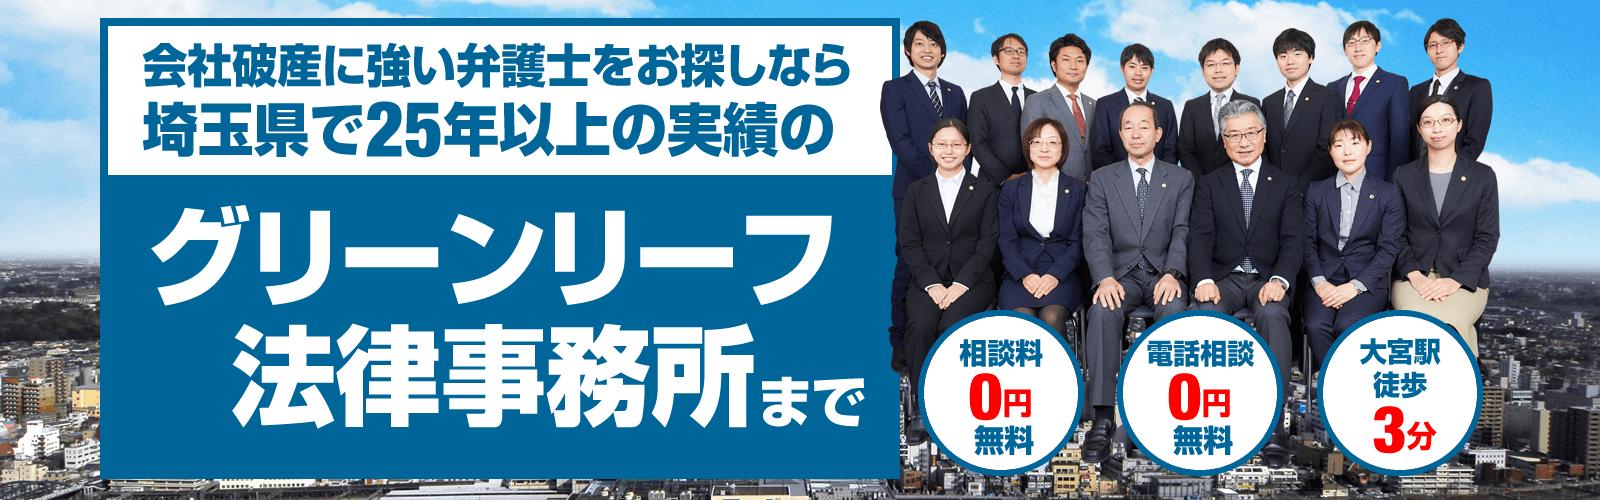 会社破産に強い埼玉の弁護士pc